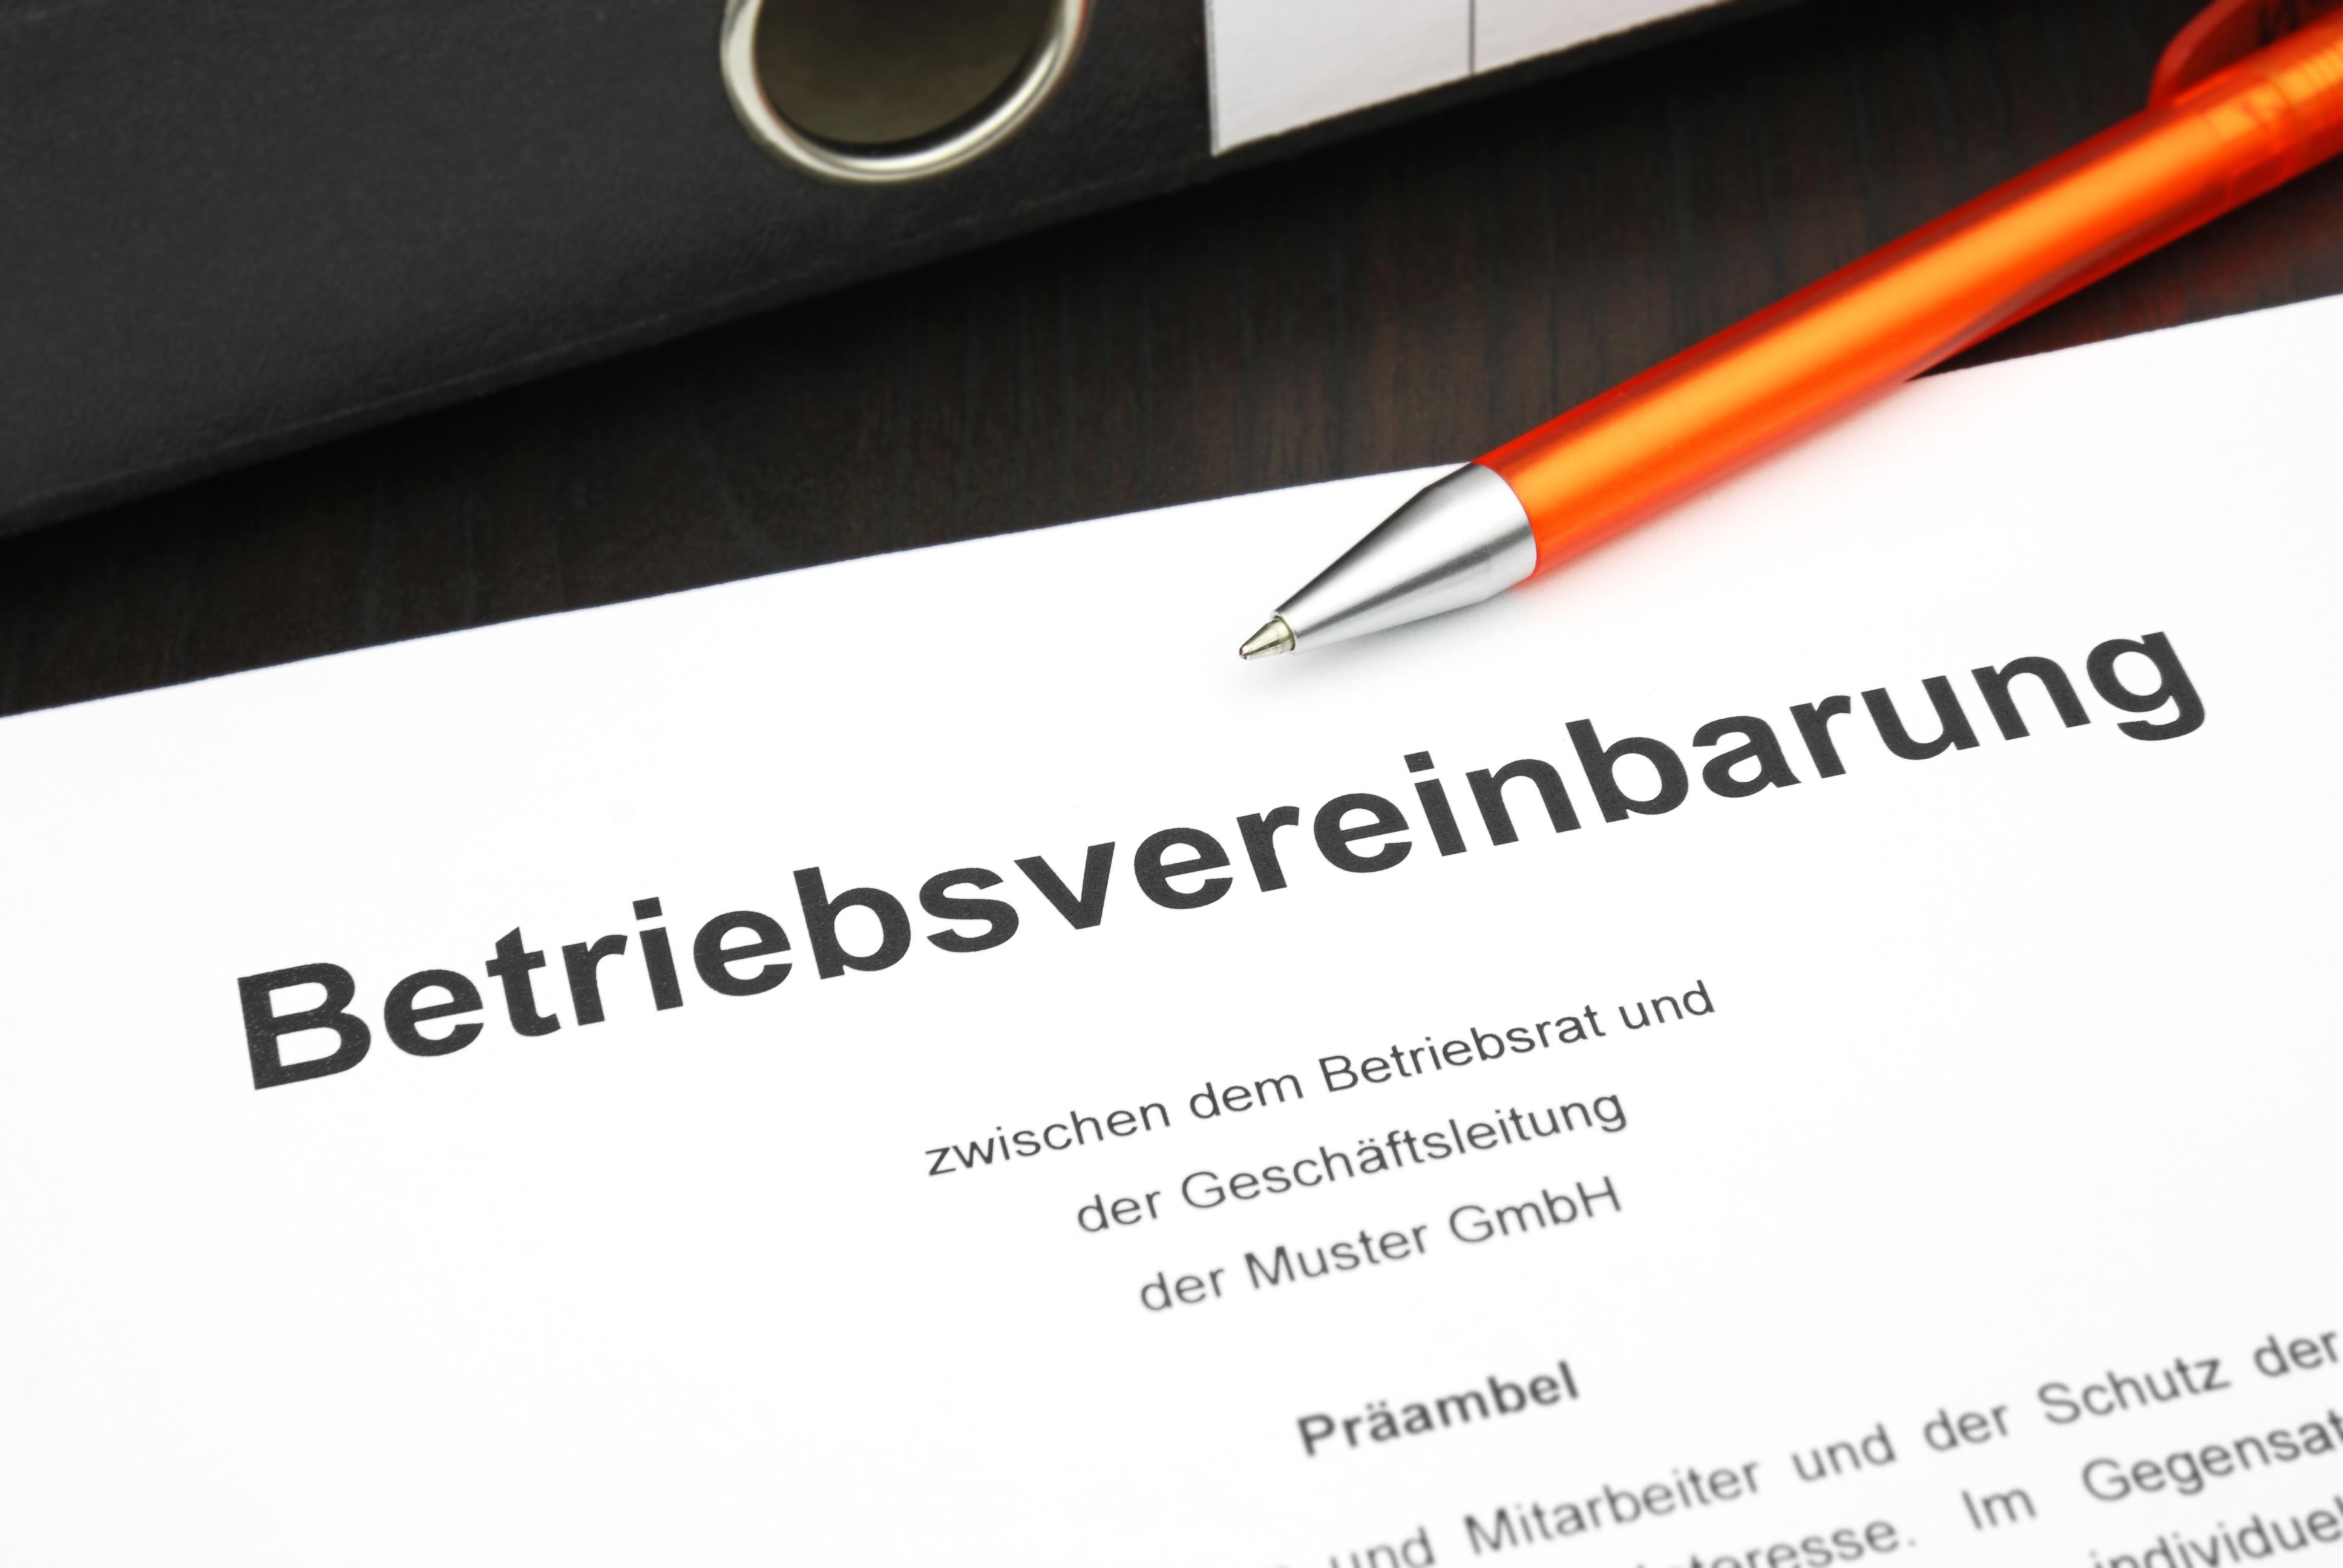 erlschen einer betriebsvereinbarung durch kndigung mglich arbeitsrecht online - Muster Betriebsvereinbarung